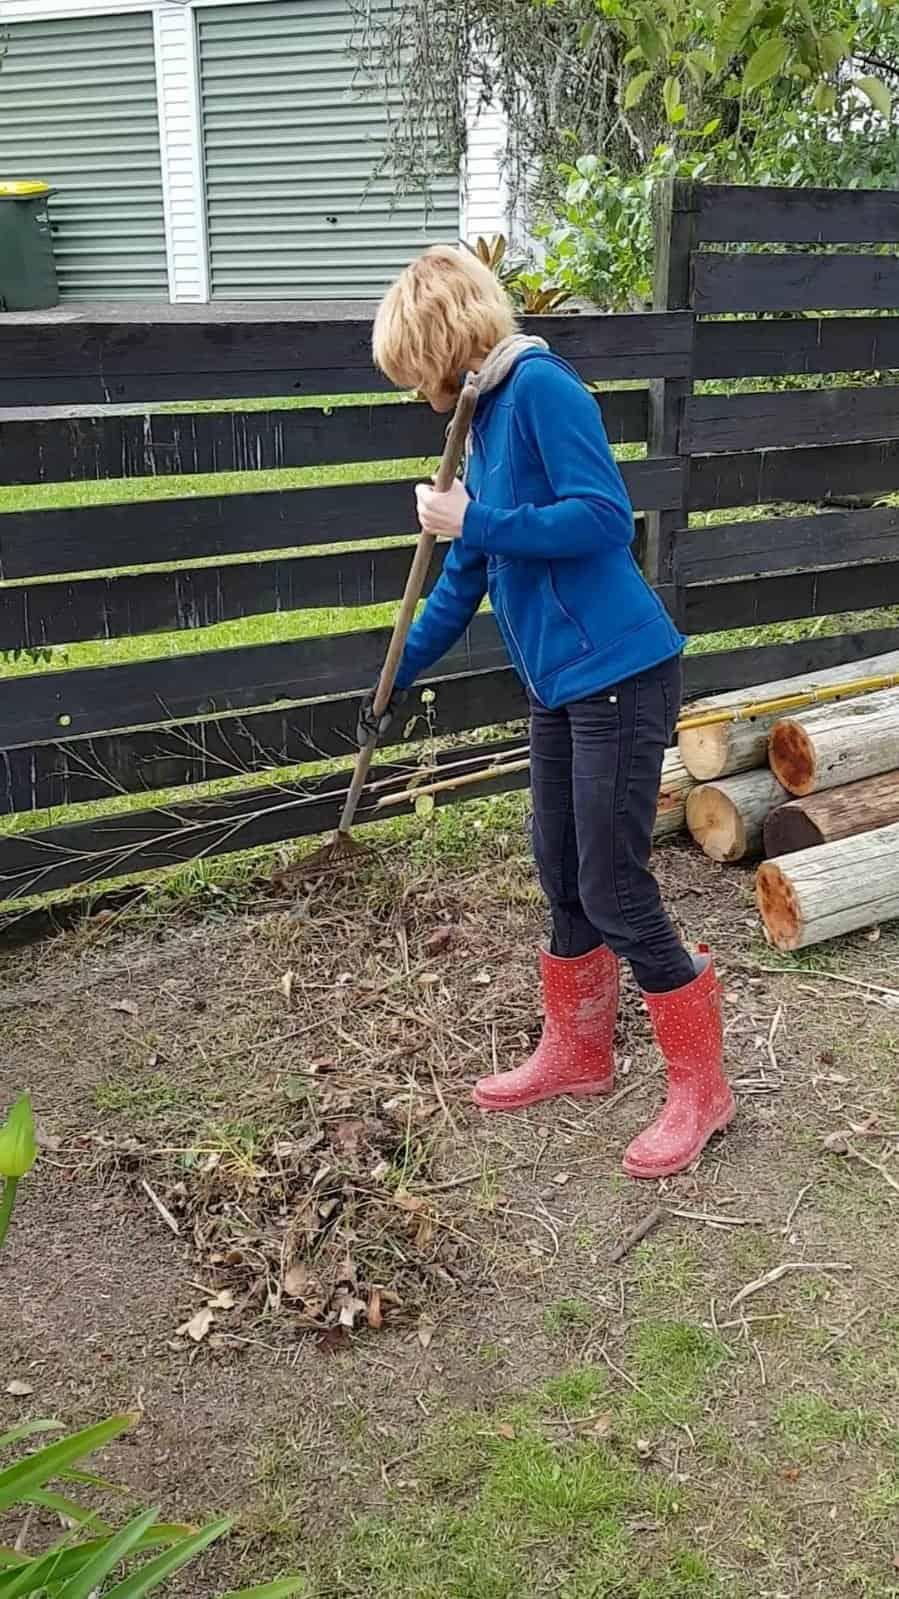 Nouvelle-Zélande, une semaine de HelpX chez la reine Lucy 👑 2